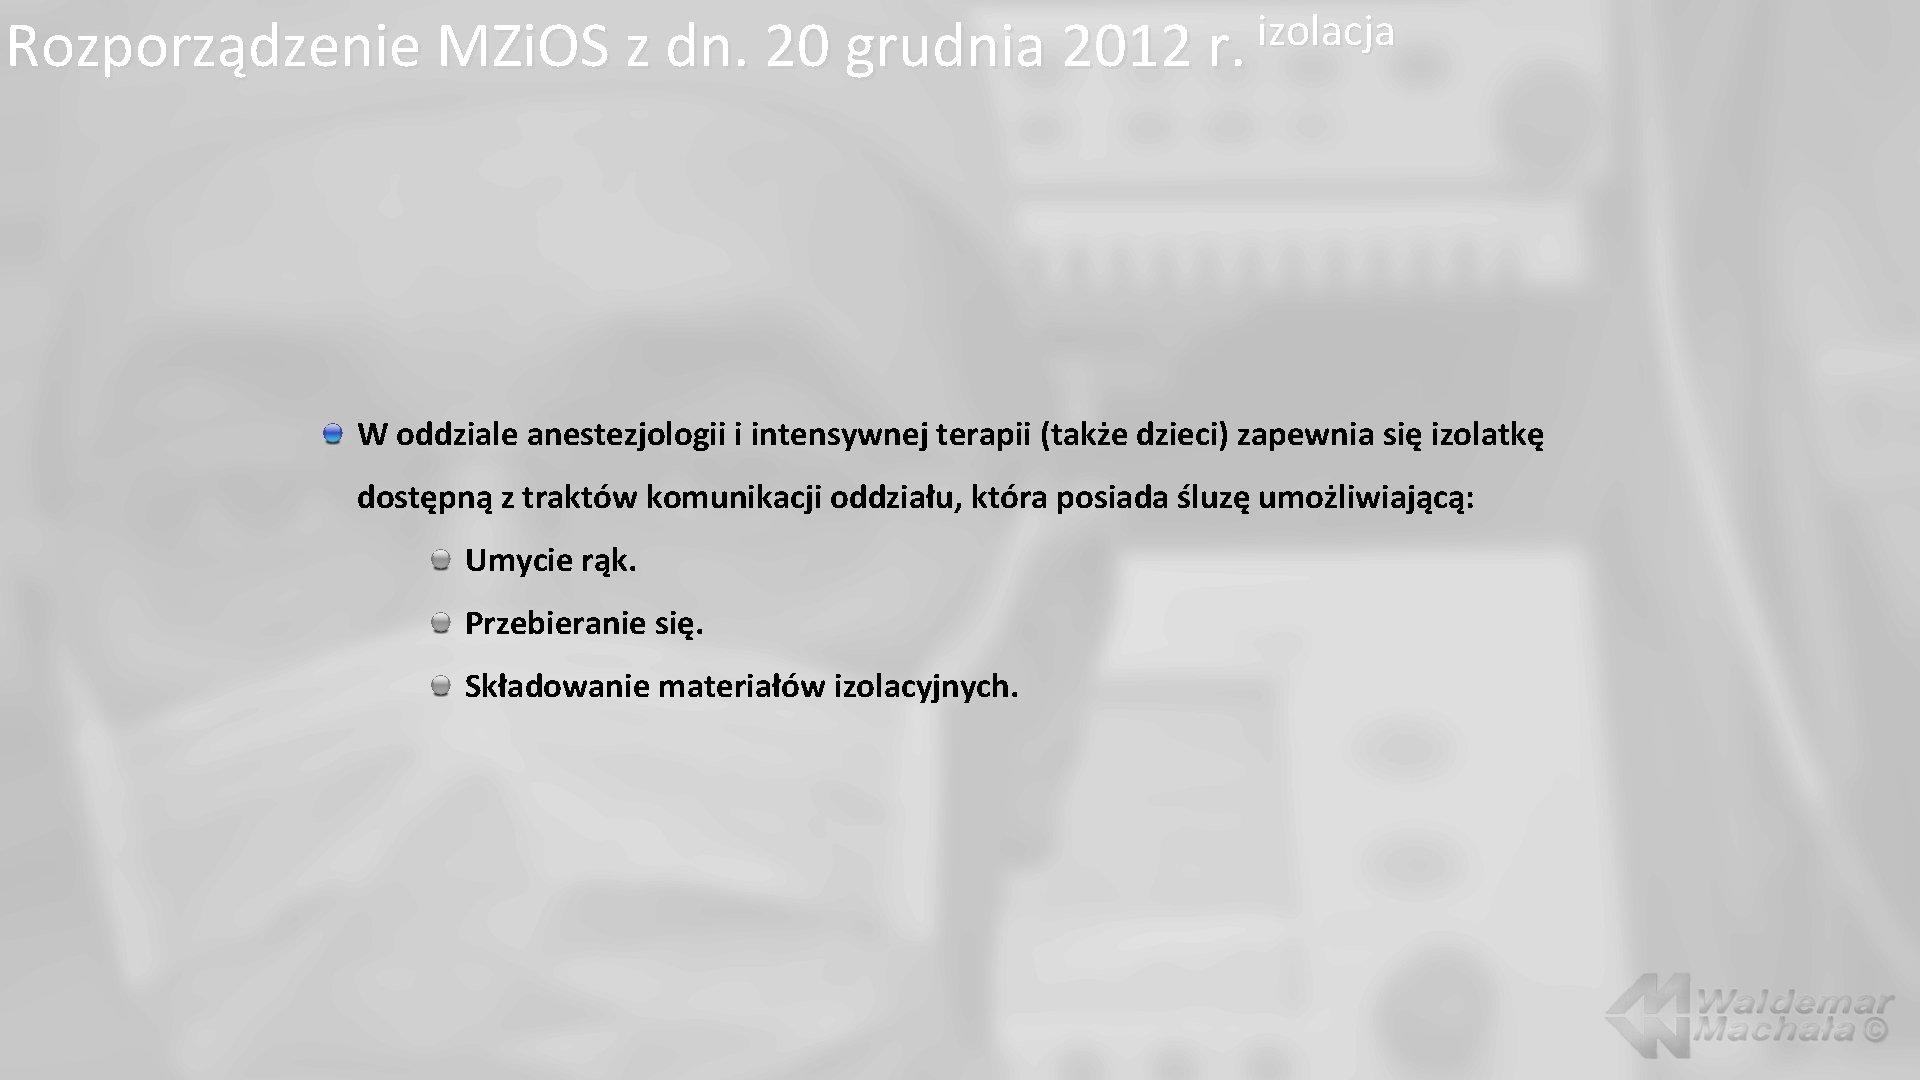 izolacja Rozporządzenie MZi. OS z dn. 20 grudnia 2012 r. W oddziale anestezjologii i